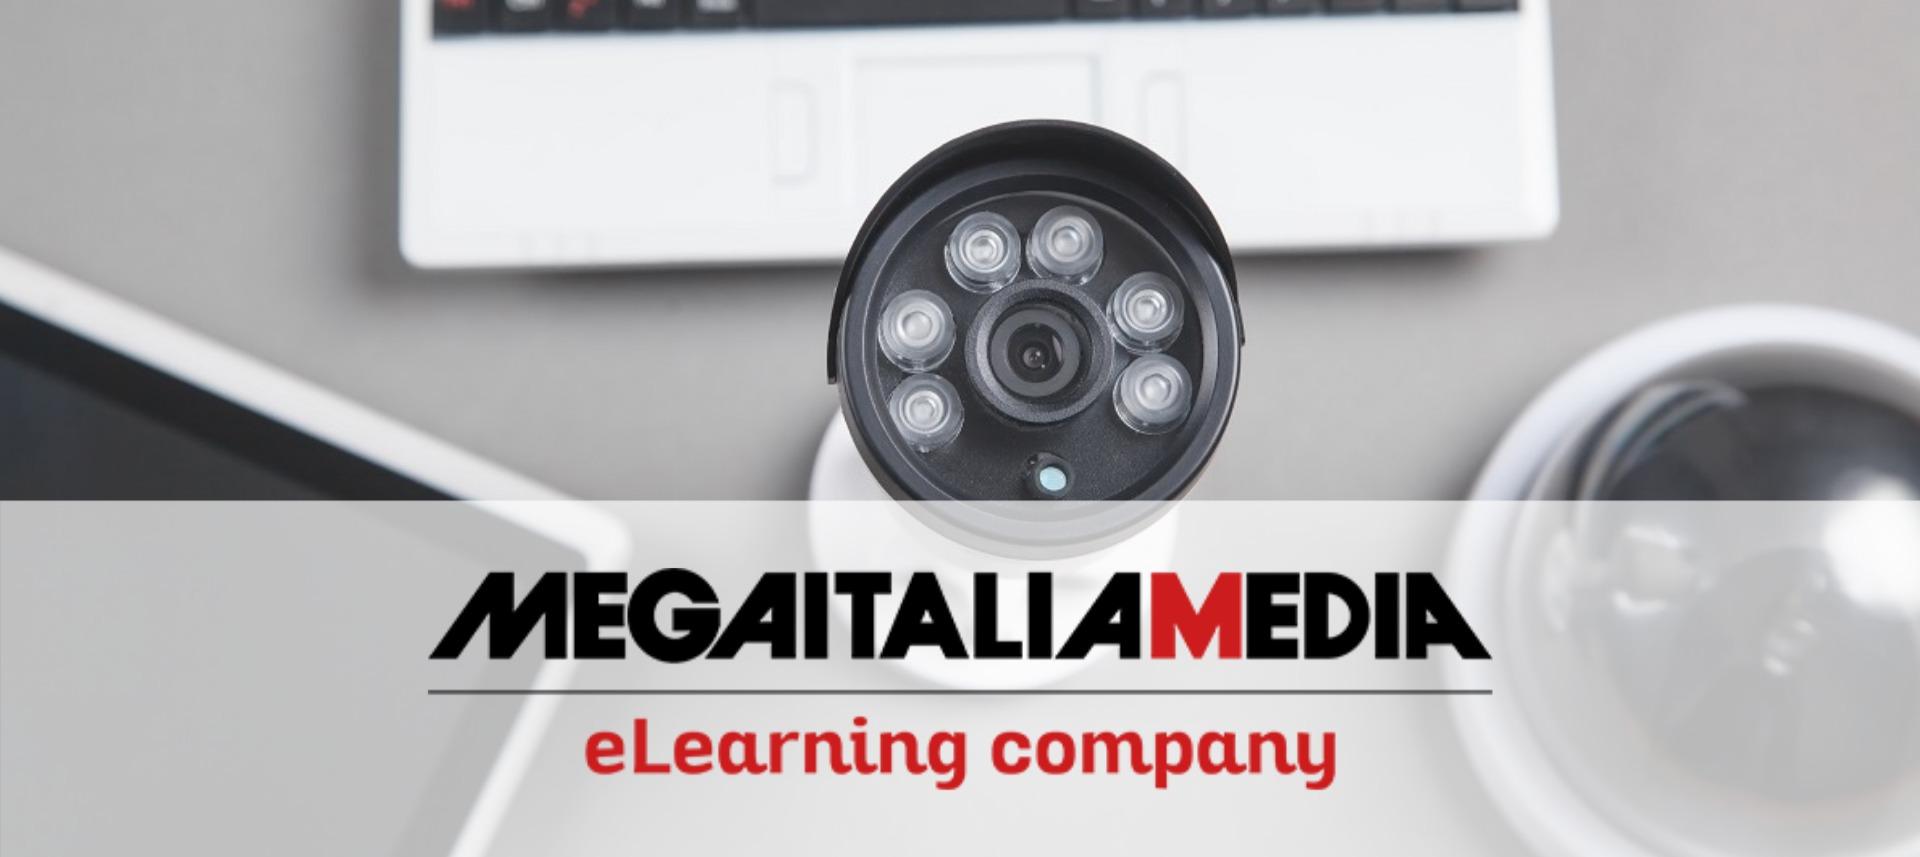 News Socio Confindustria Brescia - Formazione online per la certificazione IMQ AIRVIDEO